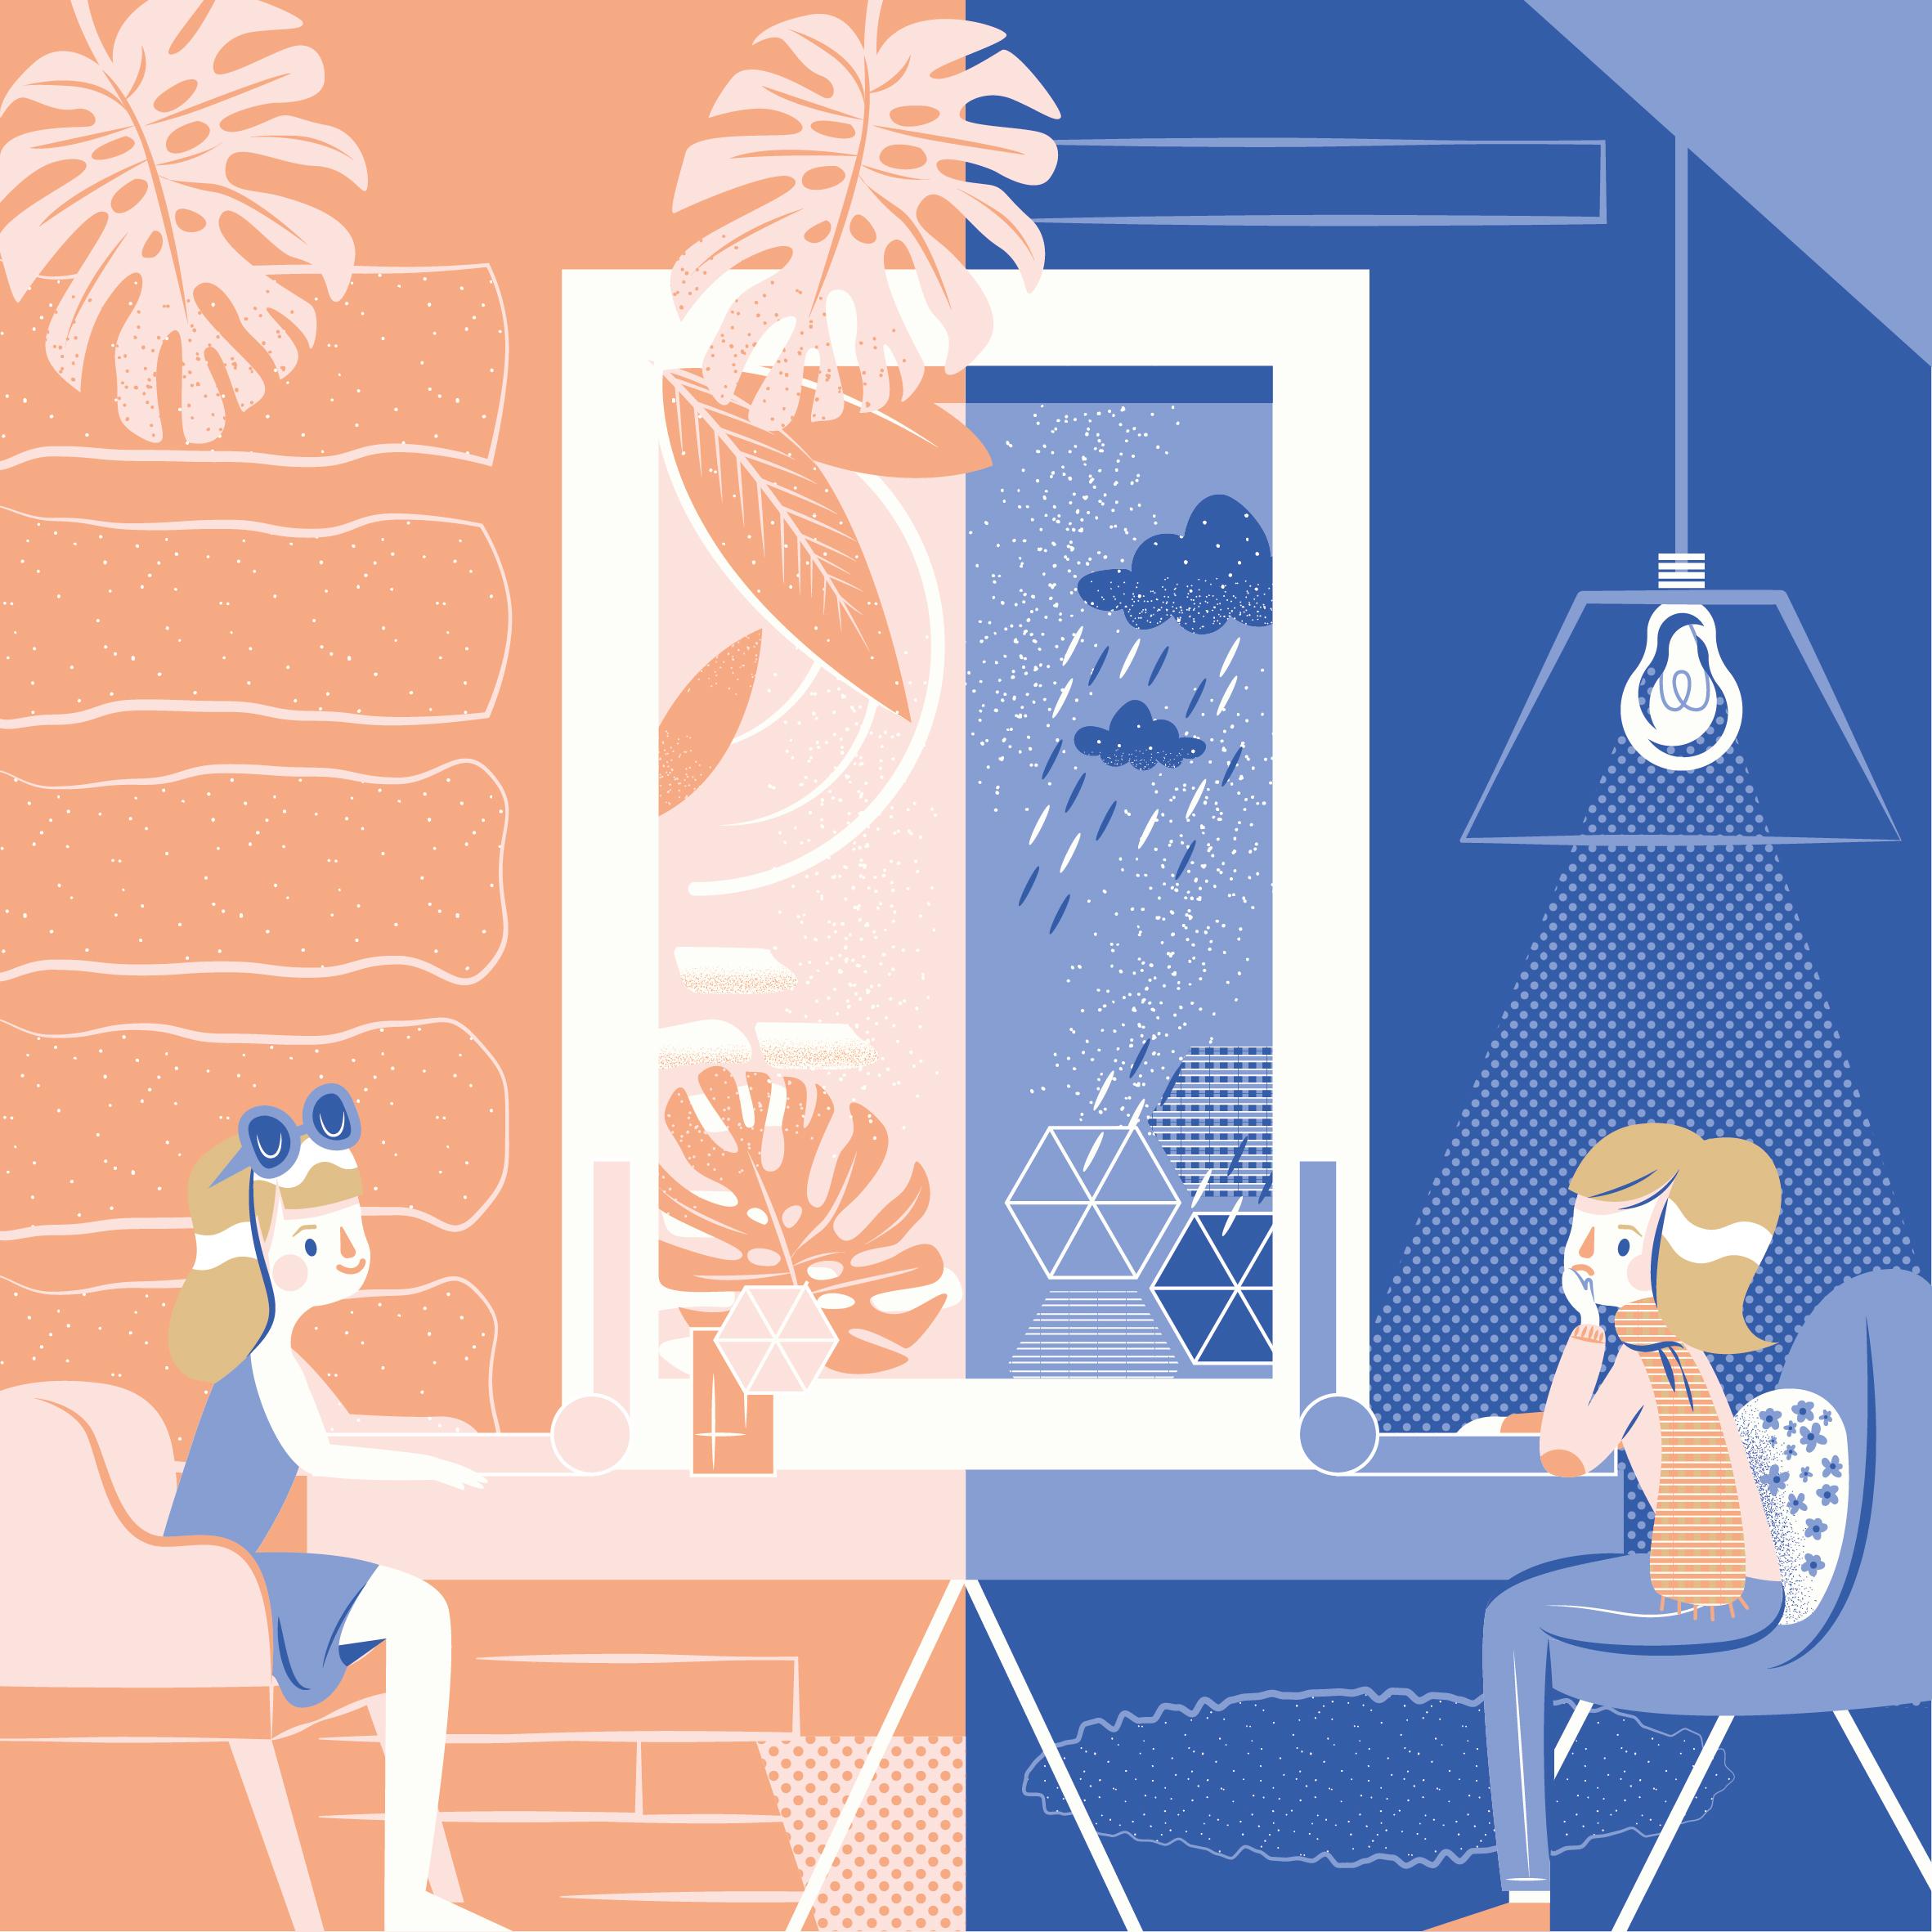 Javea Illustration - 0918-01.jpg